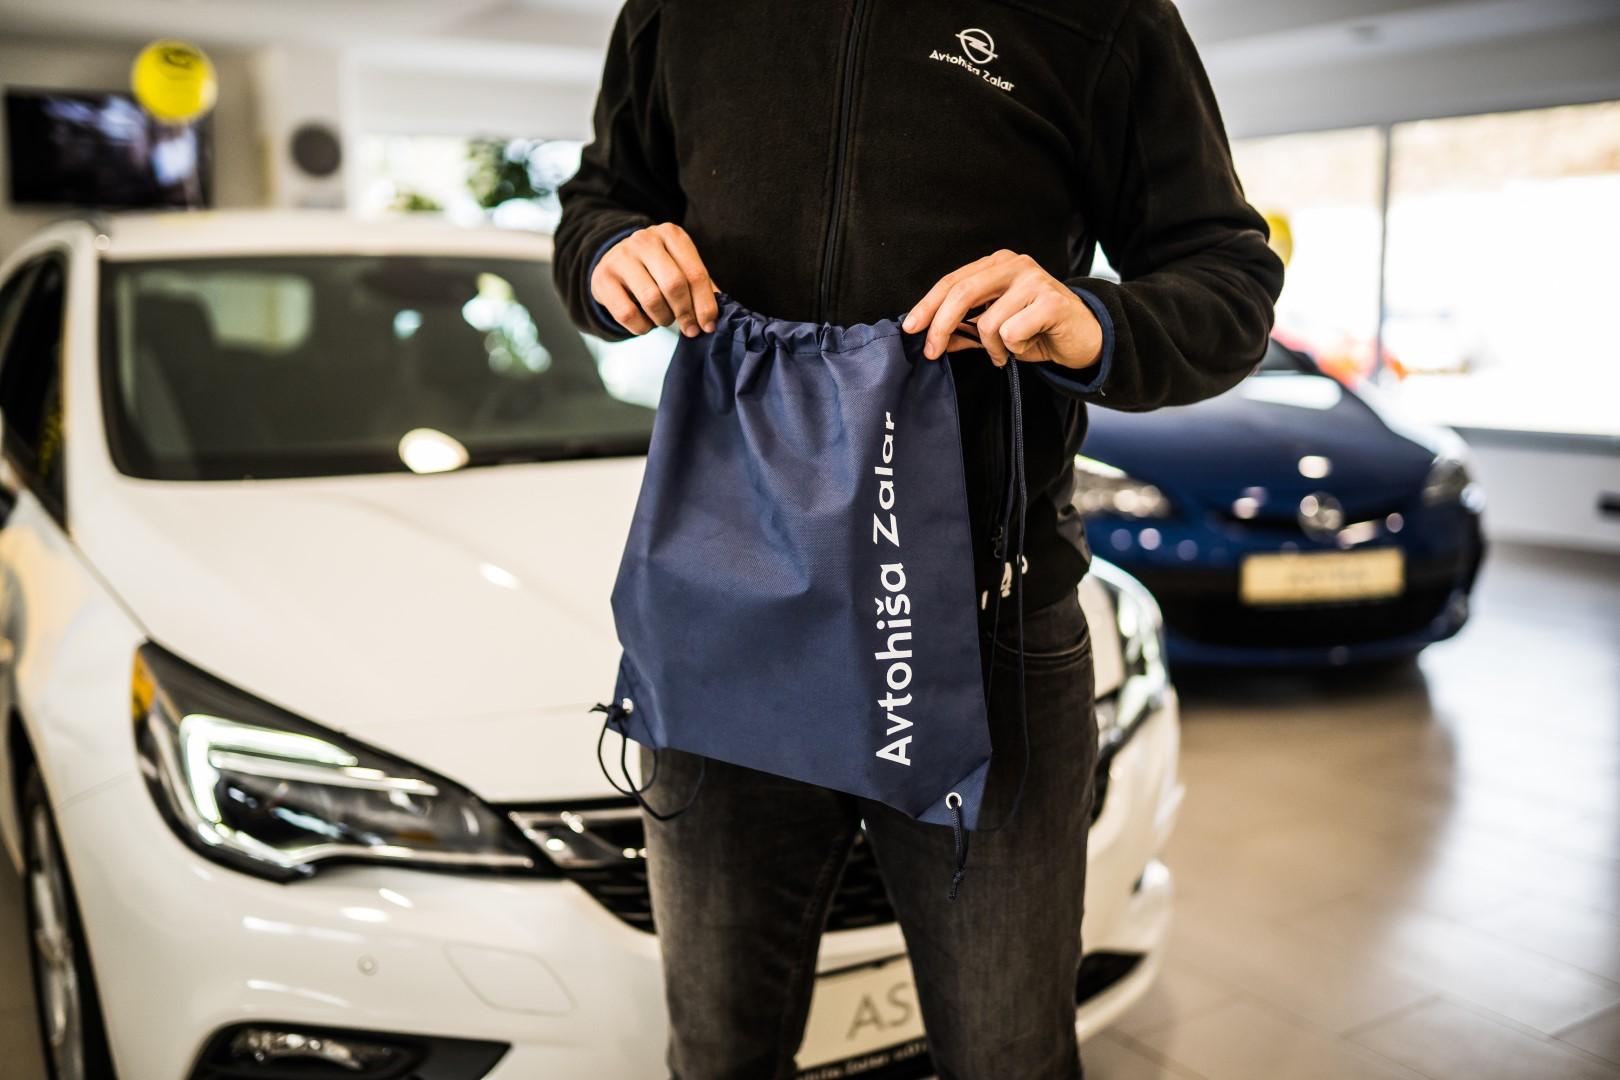 avtohisa-zalar-nakup-prodaja-vozil-astra-insignia-zavarovanje-servis (5)